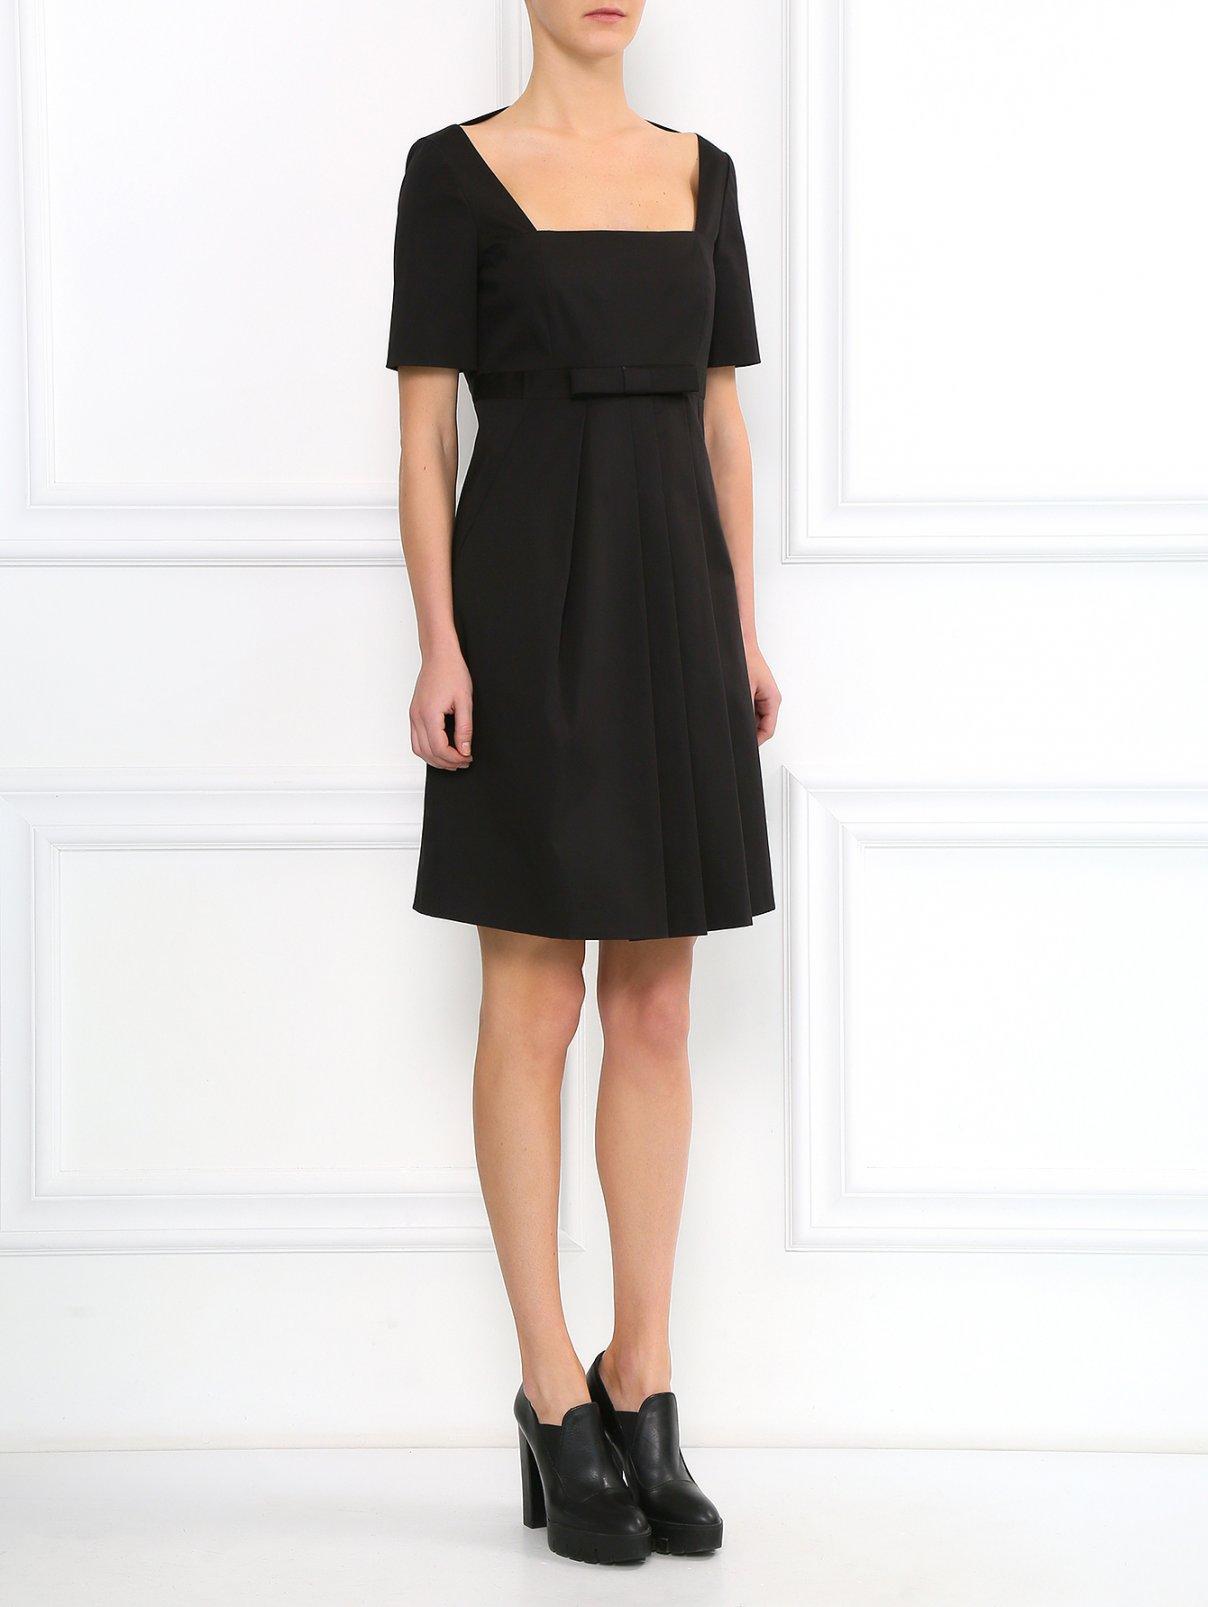 Платье-мини из хлопка с боковыми карманами Moschino Cheap&Chic  –  Модель Общий вид